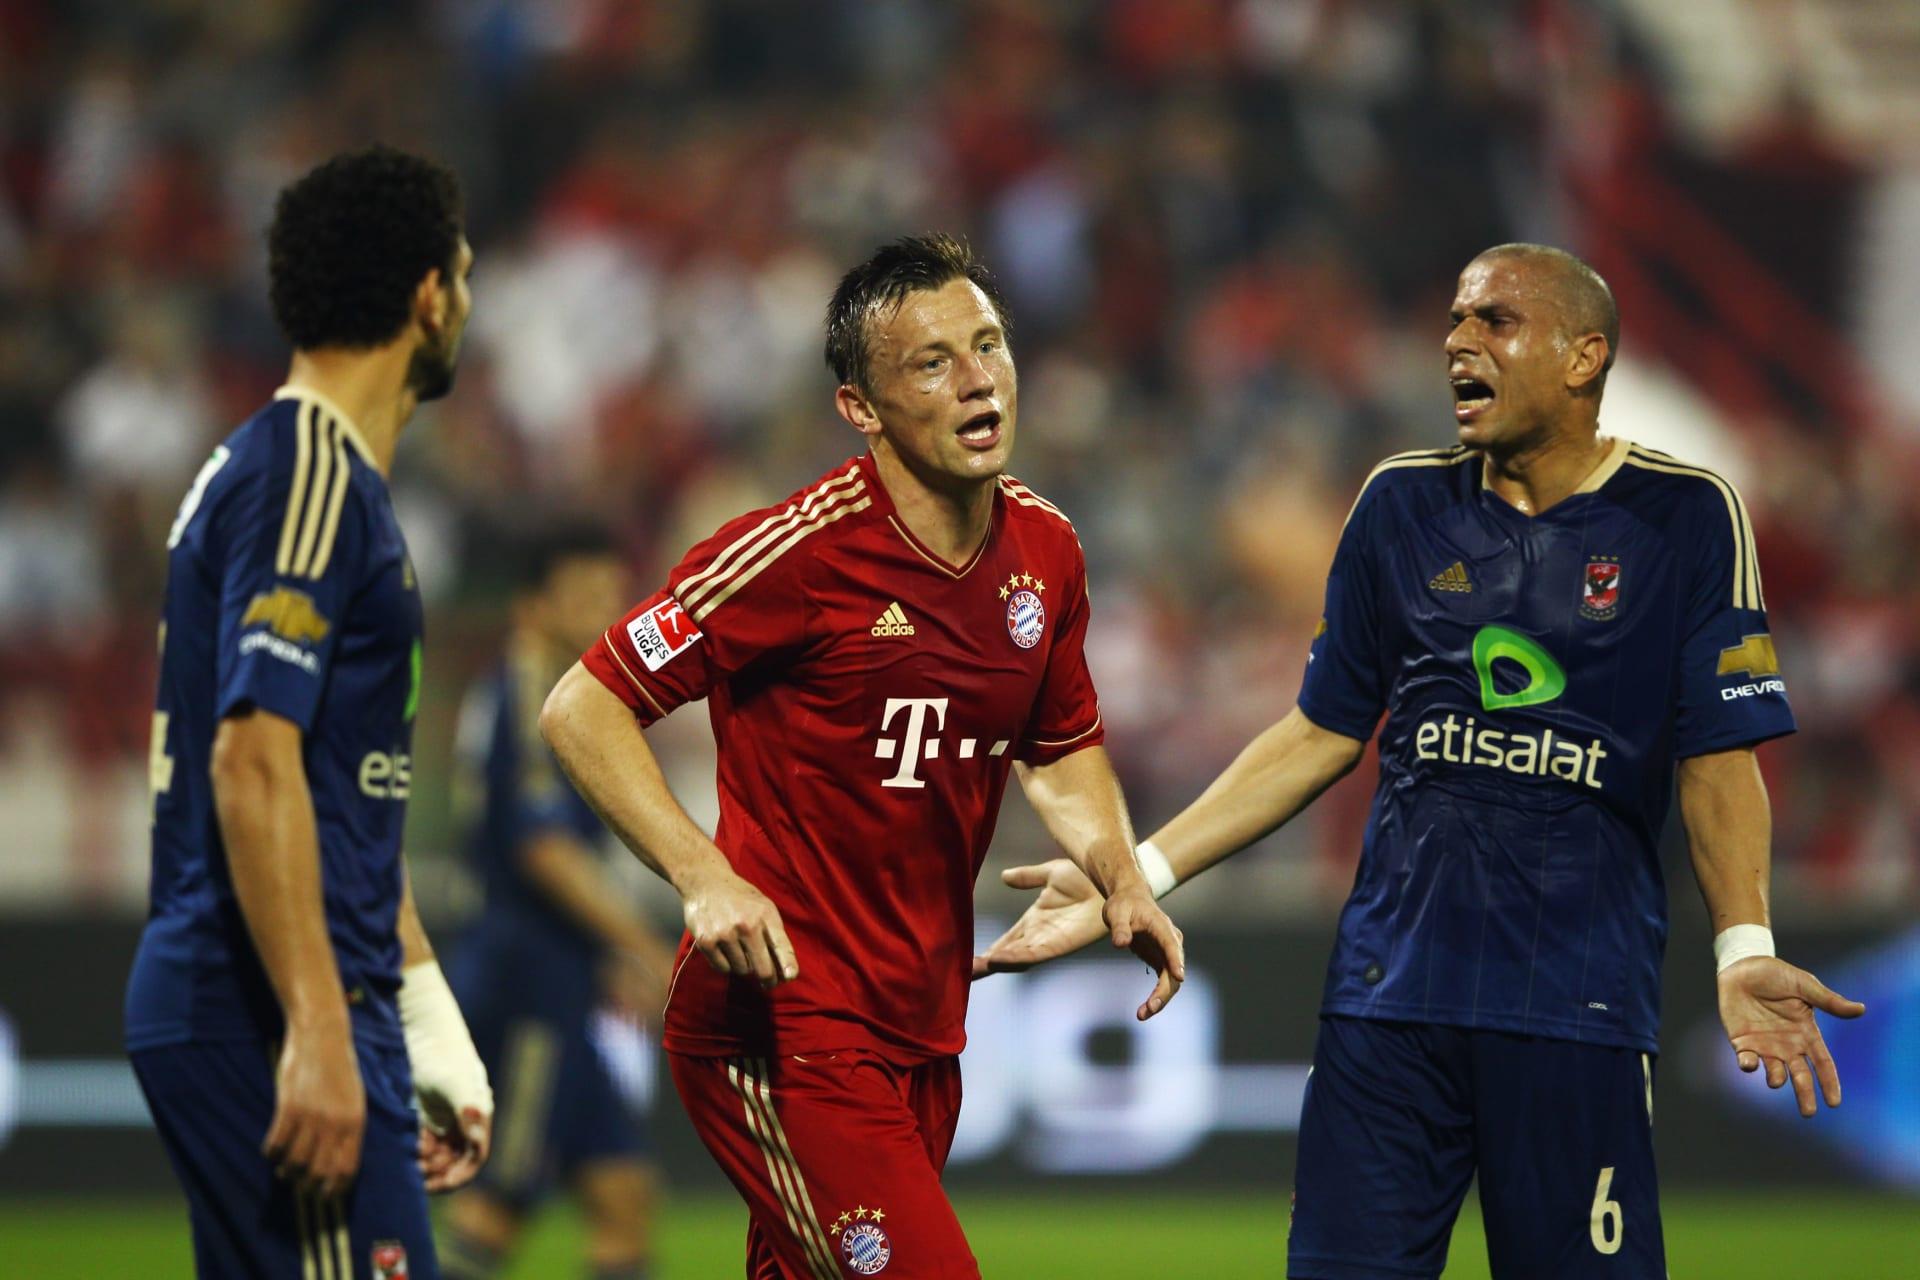 بايرن ميونخ يذكر الأهلي بهزيمة تلقاها قبل 9 أعوام على أرضية ملعب نصف النهائي